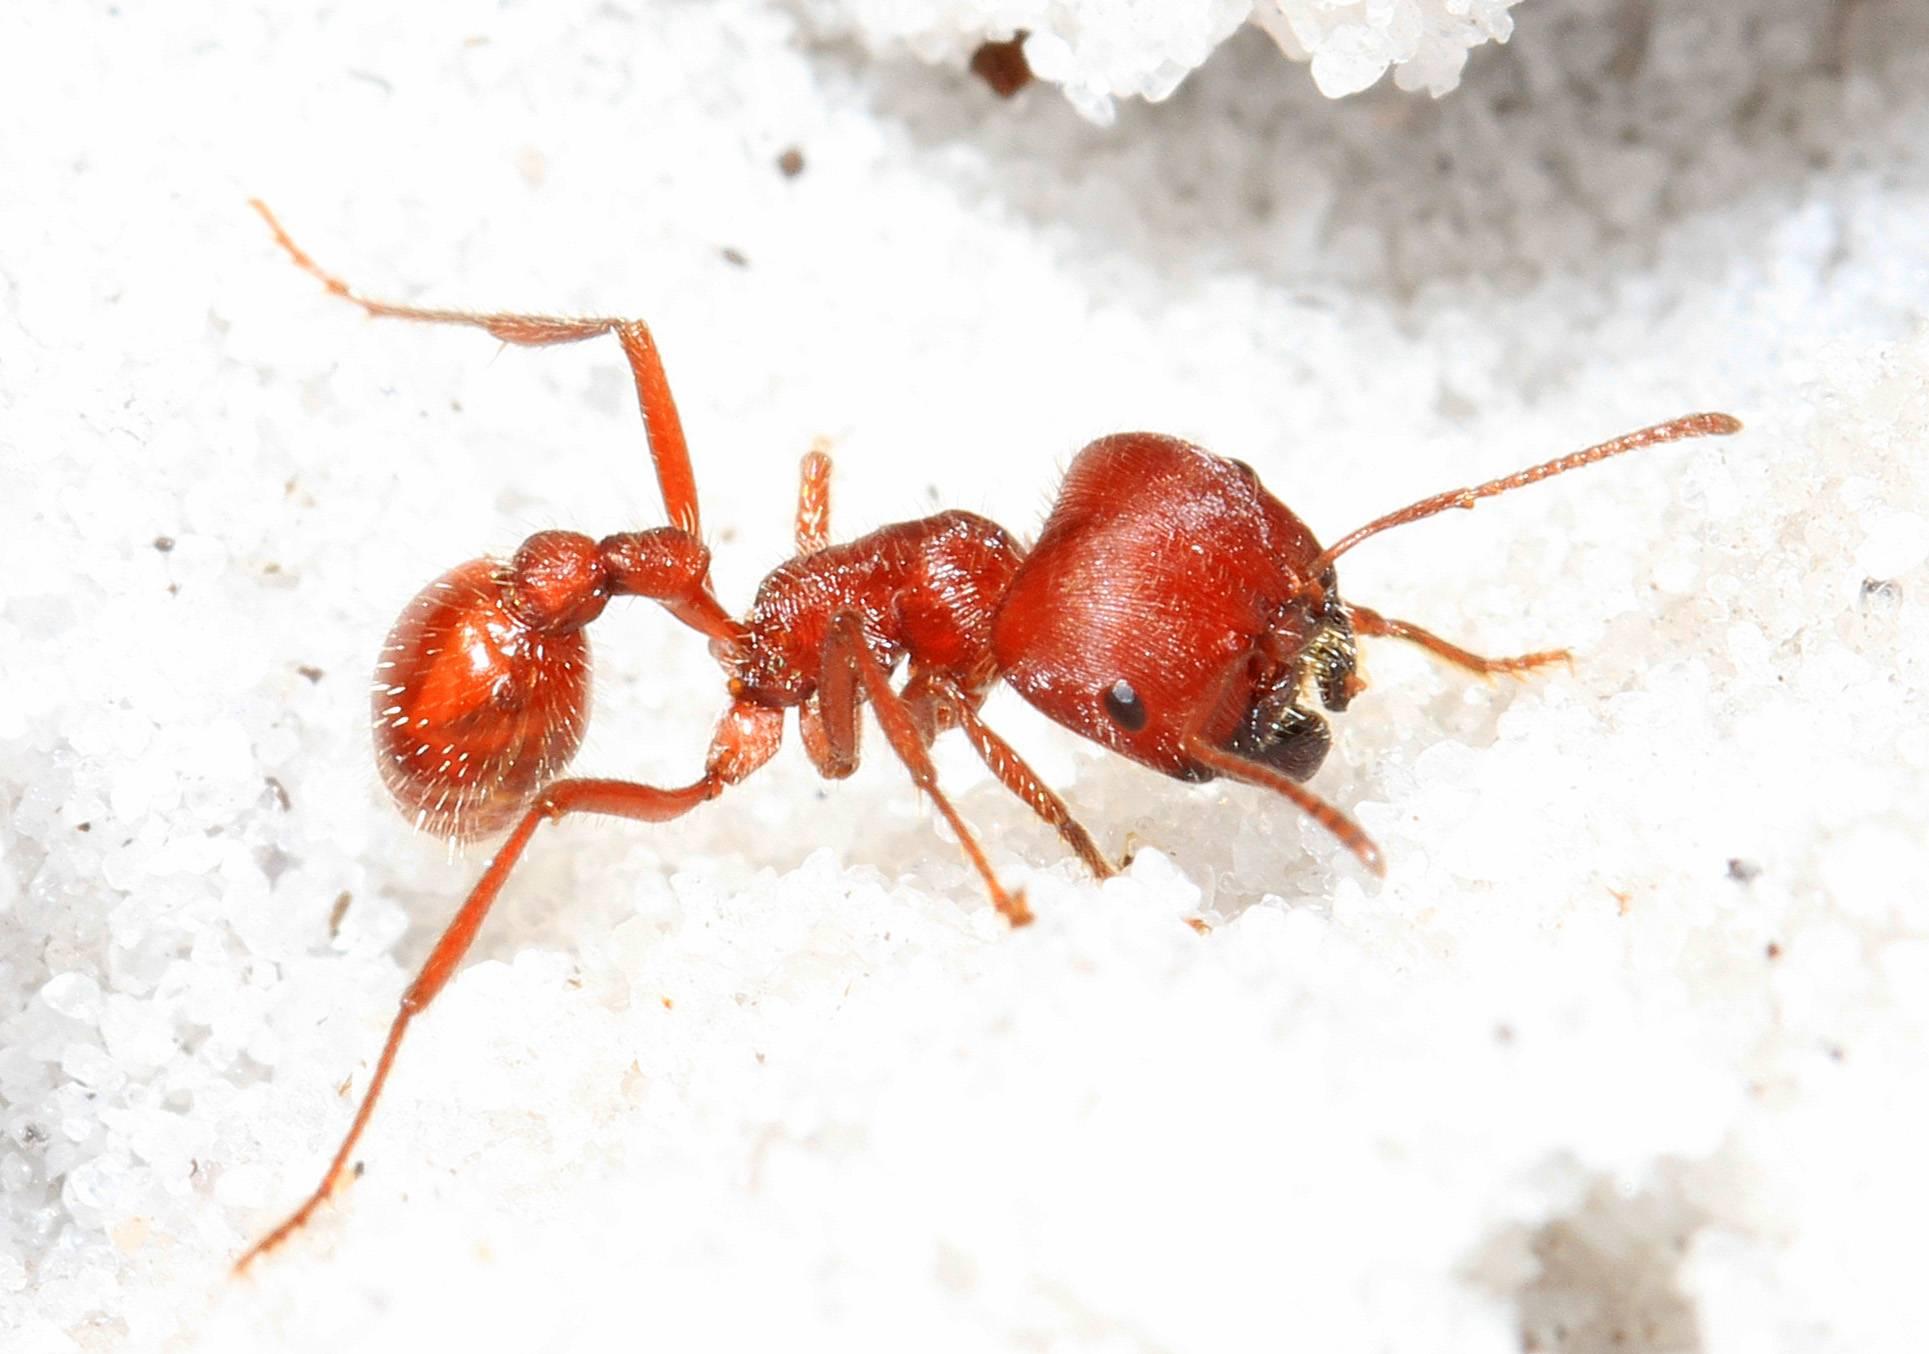 Интересные факты о муравьях, анатомия, виды, питание, размножение, устройство муравейника – удивительные факты